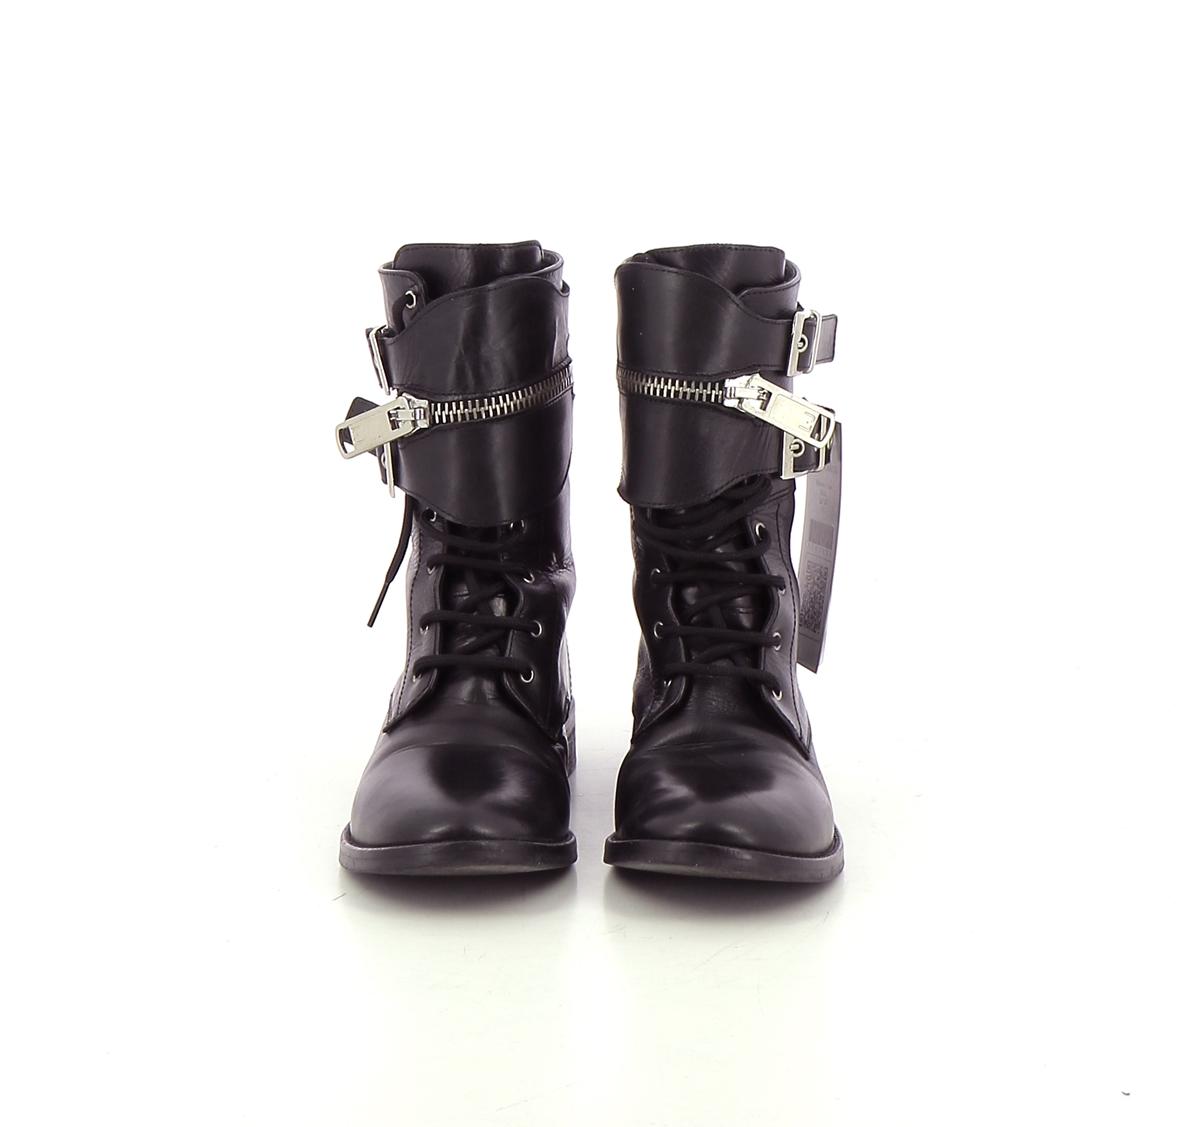 france pas cher vente procédés de teinture minutieux offres exclusives Bottines / Low Boots LIU JO Chaussures pas cher en Achat - Vente